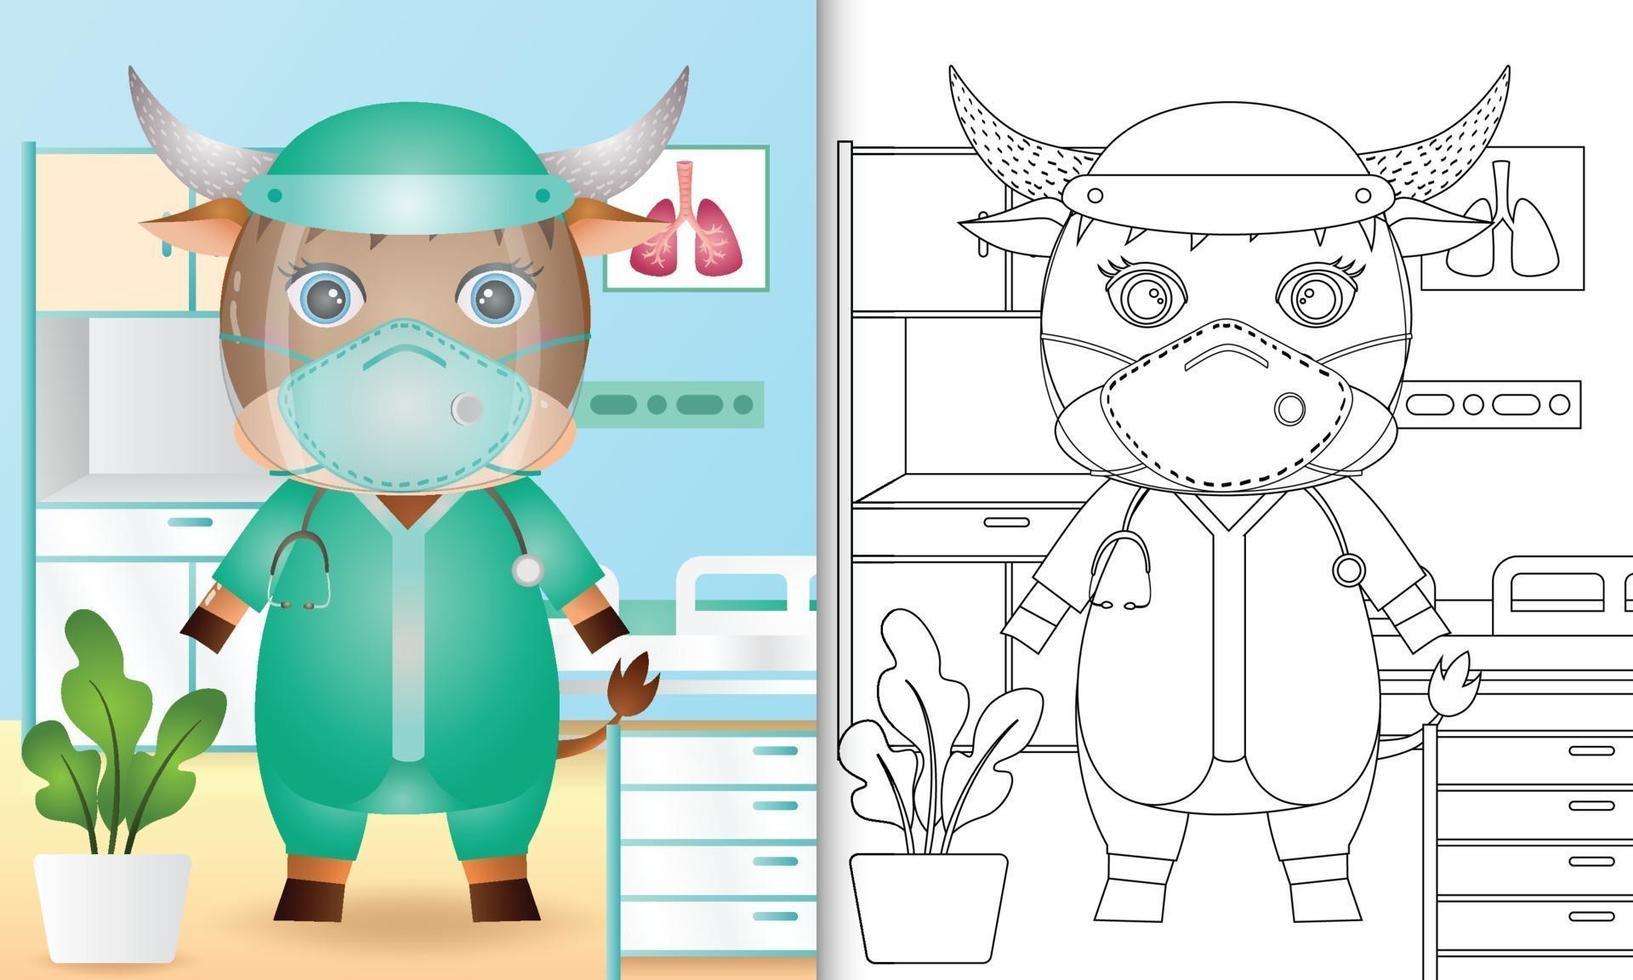 livre de coloriage pour les enfants avec une illustration de personnage de buffle mignon vecteur